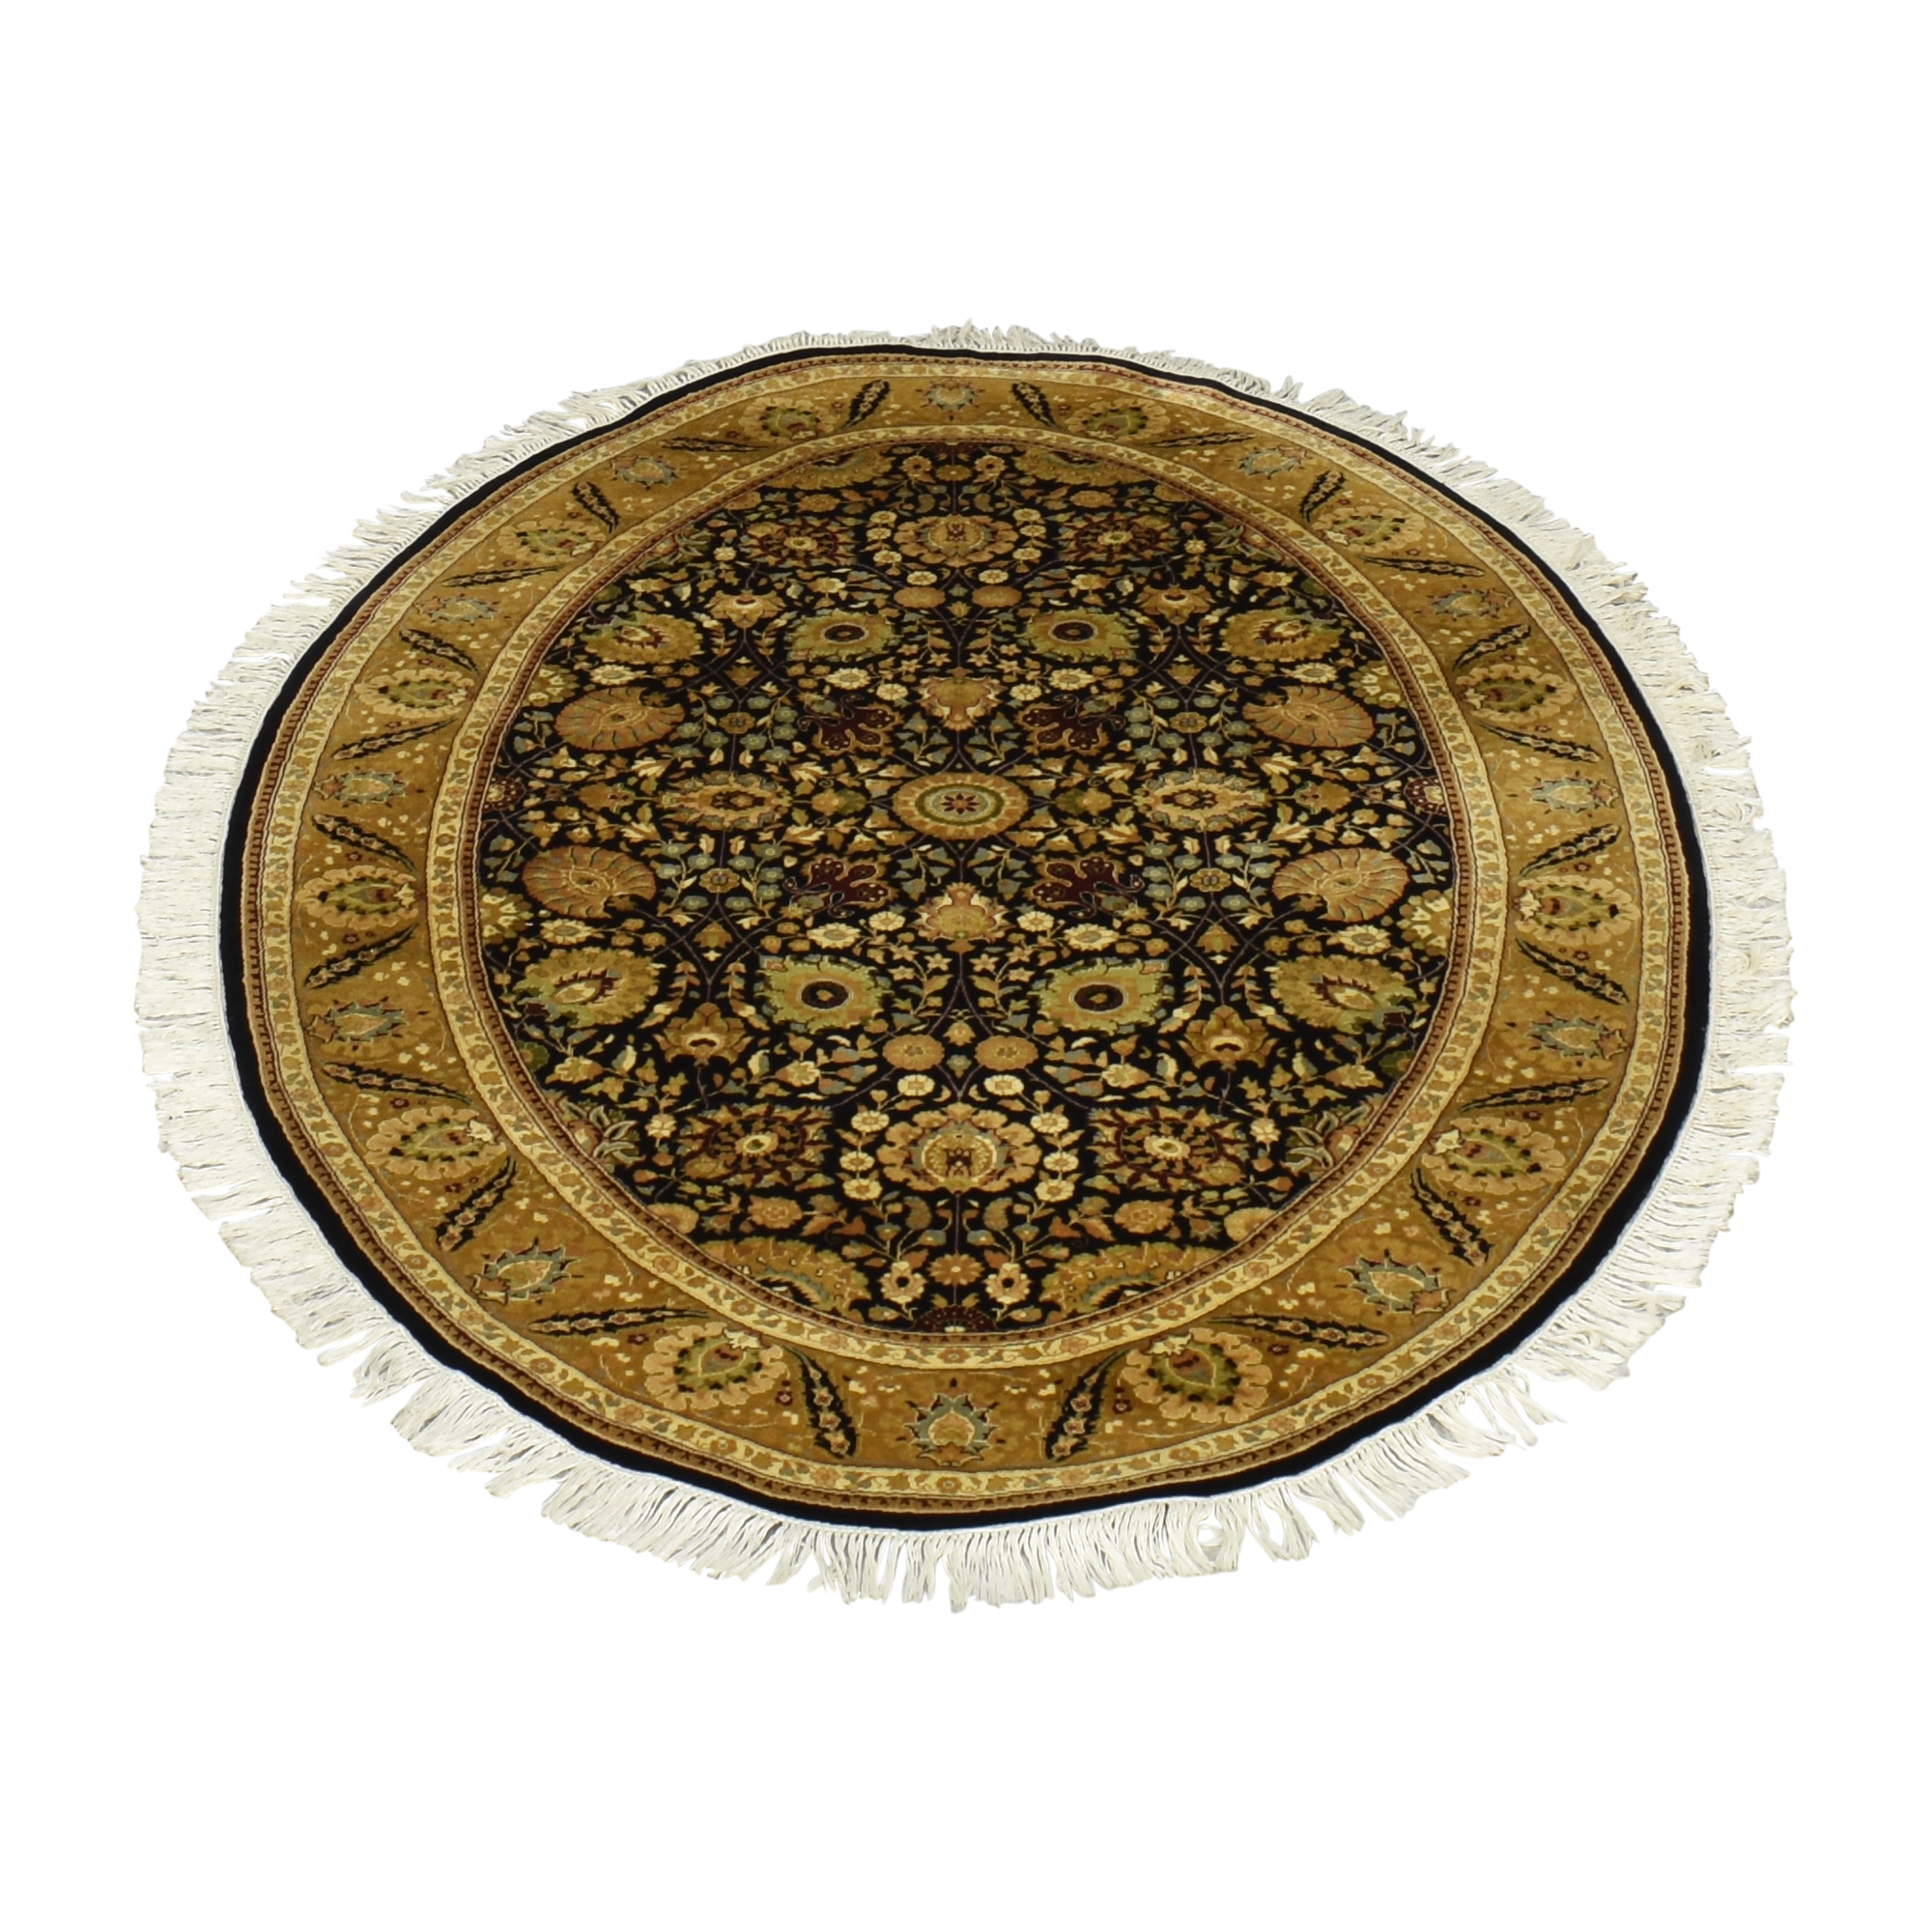 ABC Carpet & Home ABC Carpet & Home Oval Rug Decor